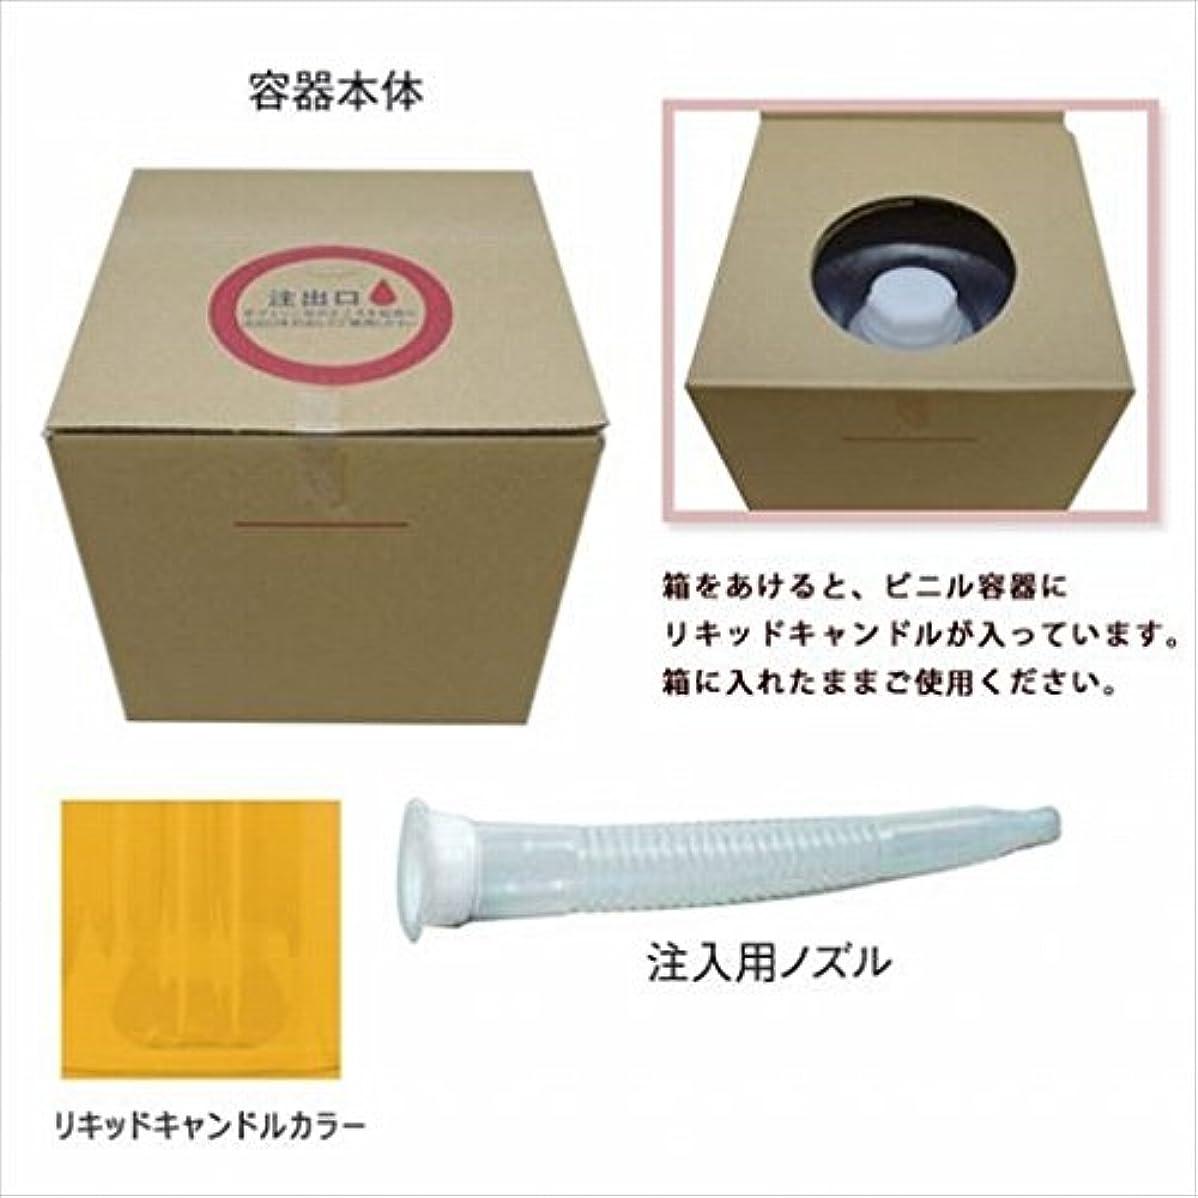 フォーマット金曜日適応するカメヤマキャンドル(kameyama candle) リキッドキャンドル5リットル 「 イエロー 」